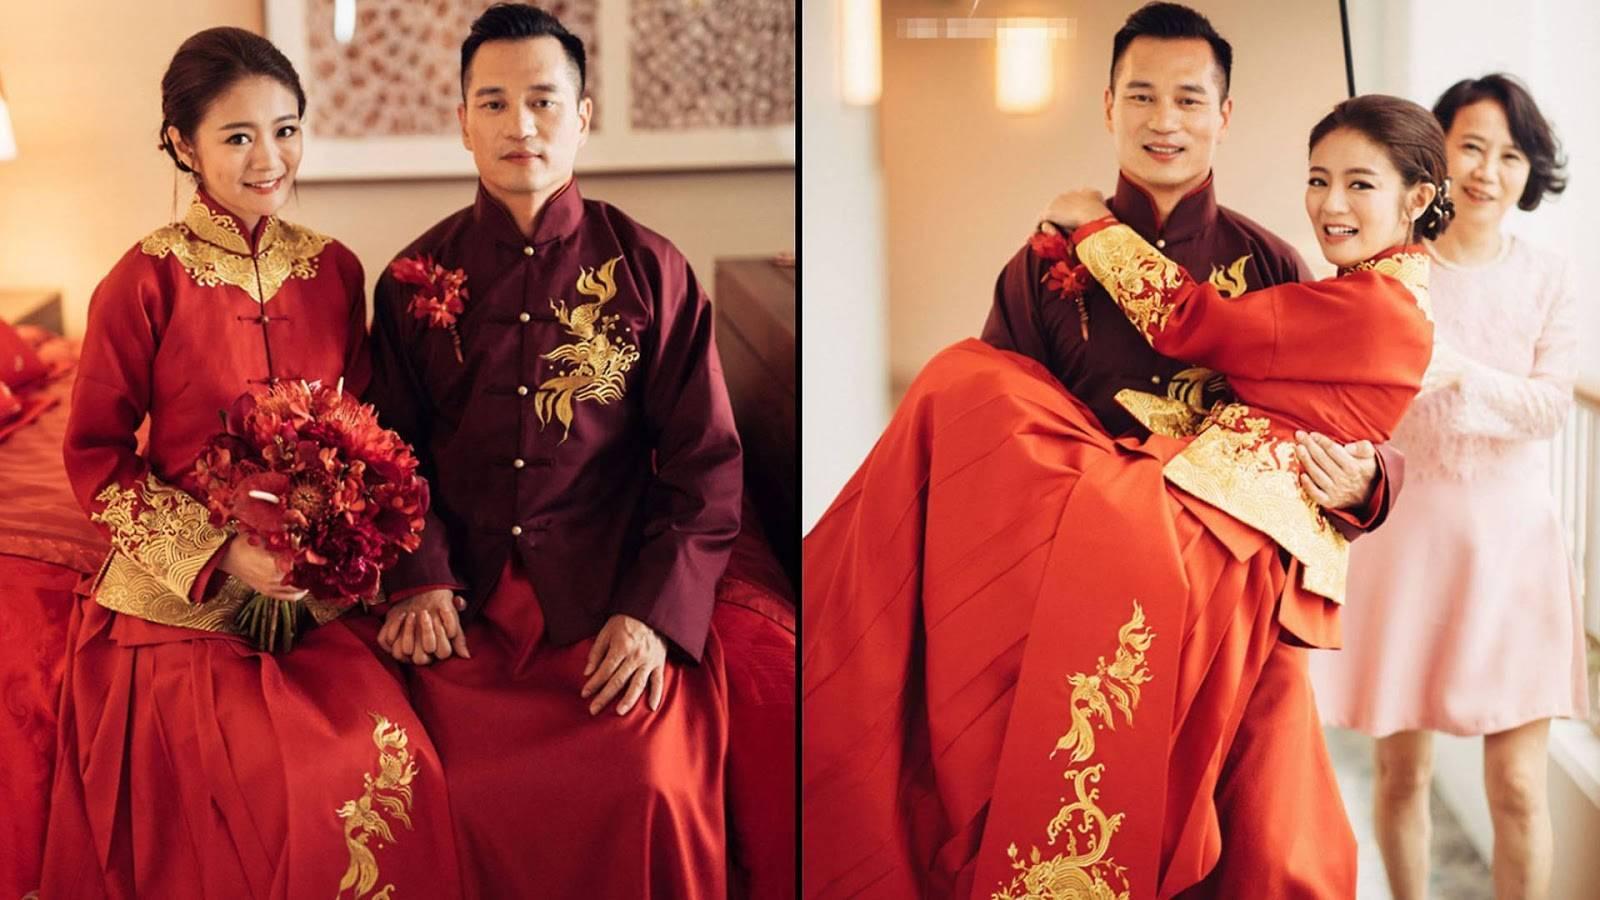 Свадьба в китае, традиции, история и современность